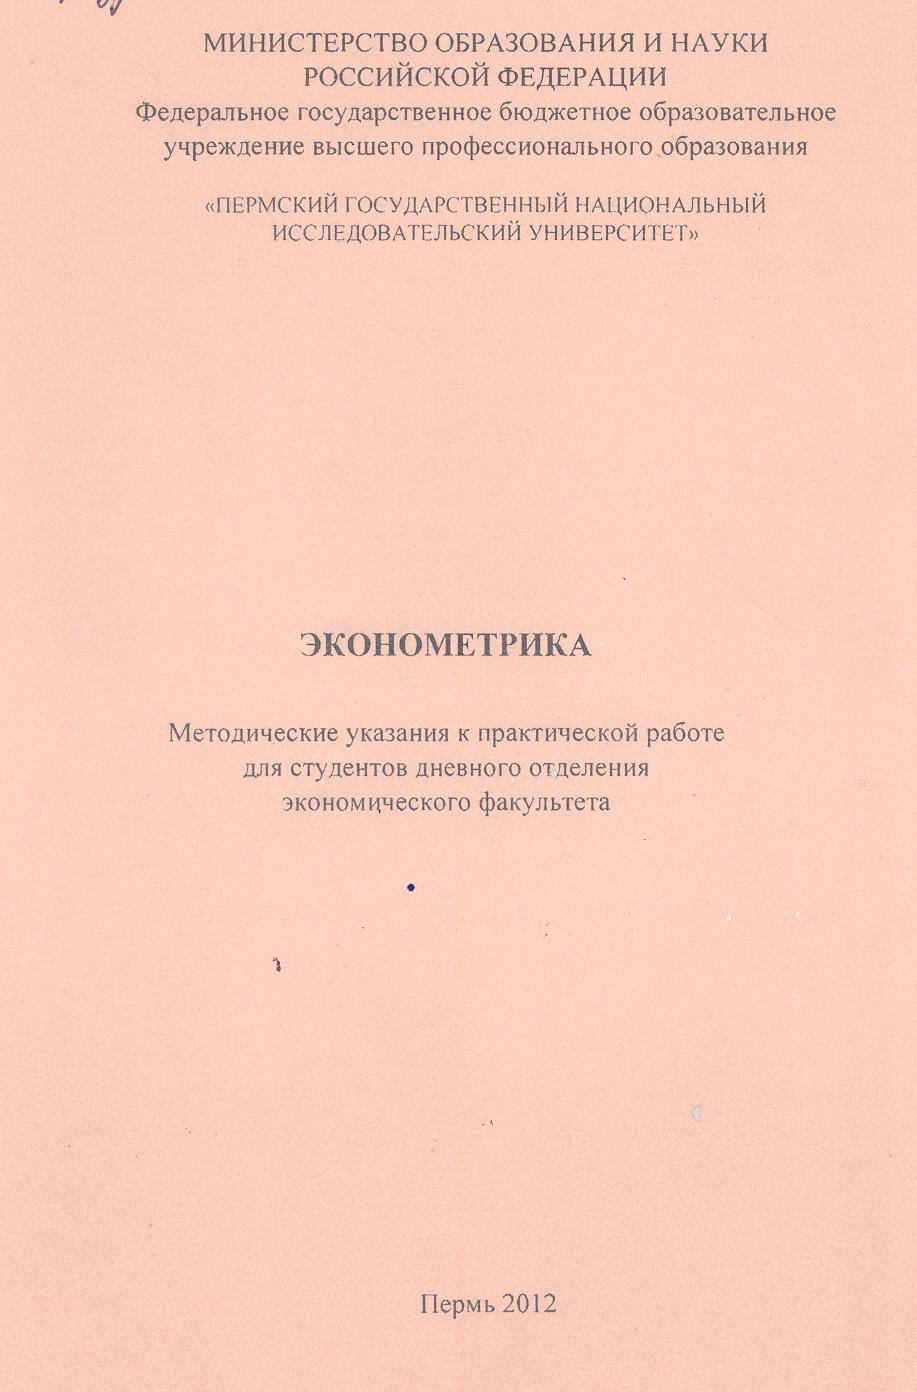 Эконометрика: методические указания к практической работе для студентов дневного отделения экономического факультета